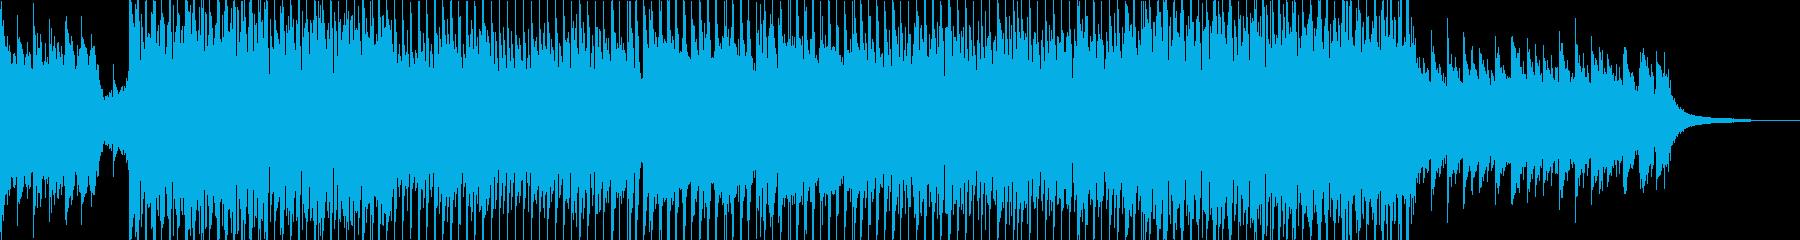 前向きなイメージのオープニング②の再生済みの波形